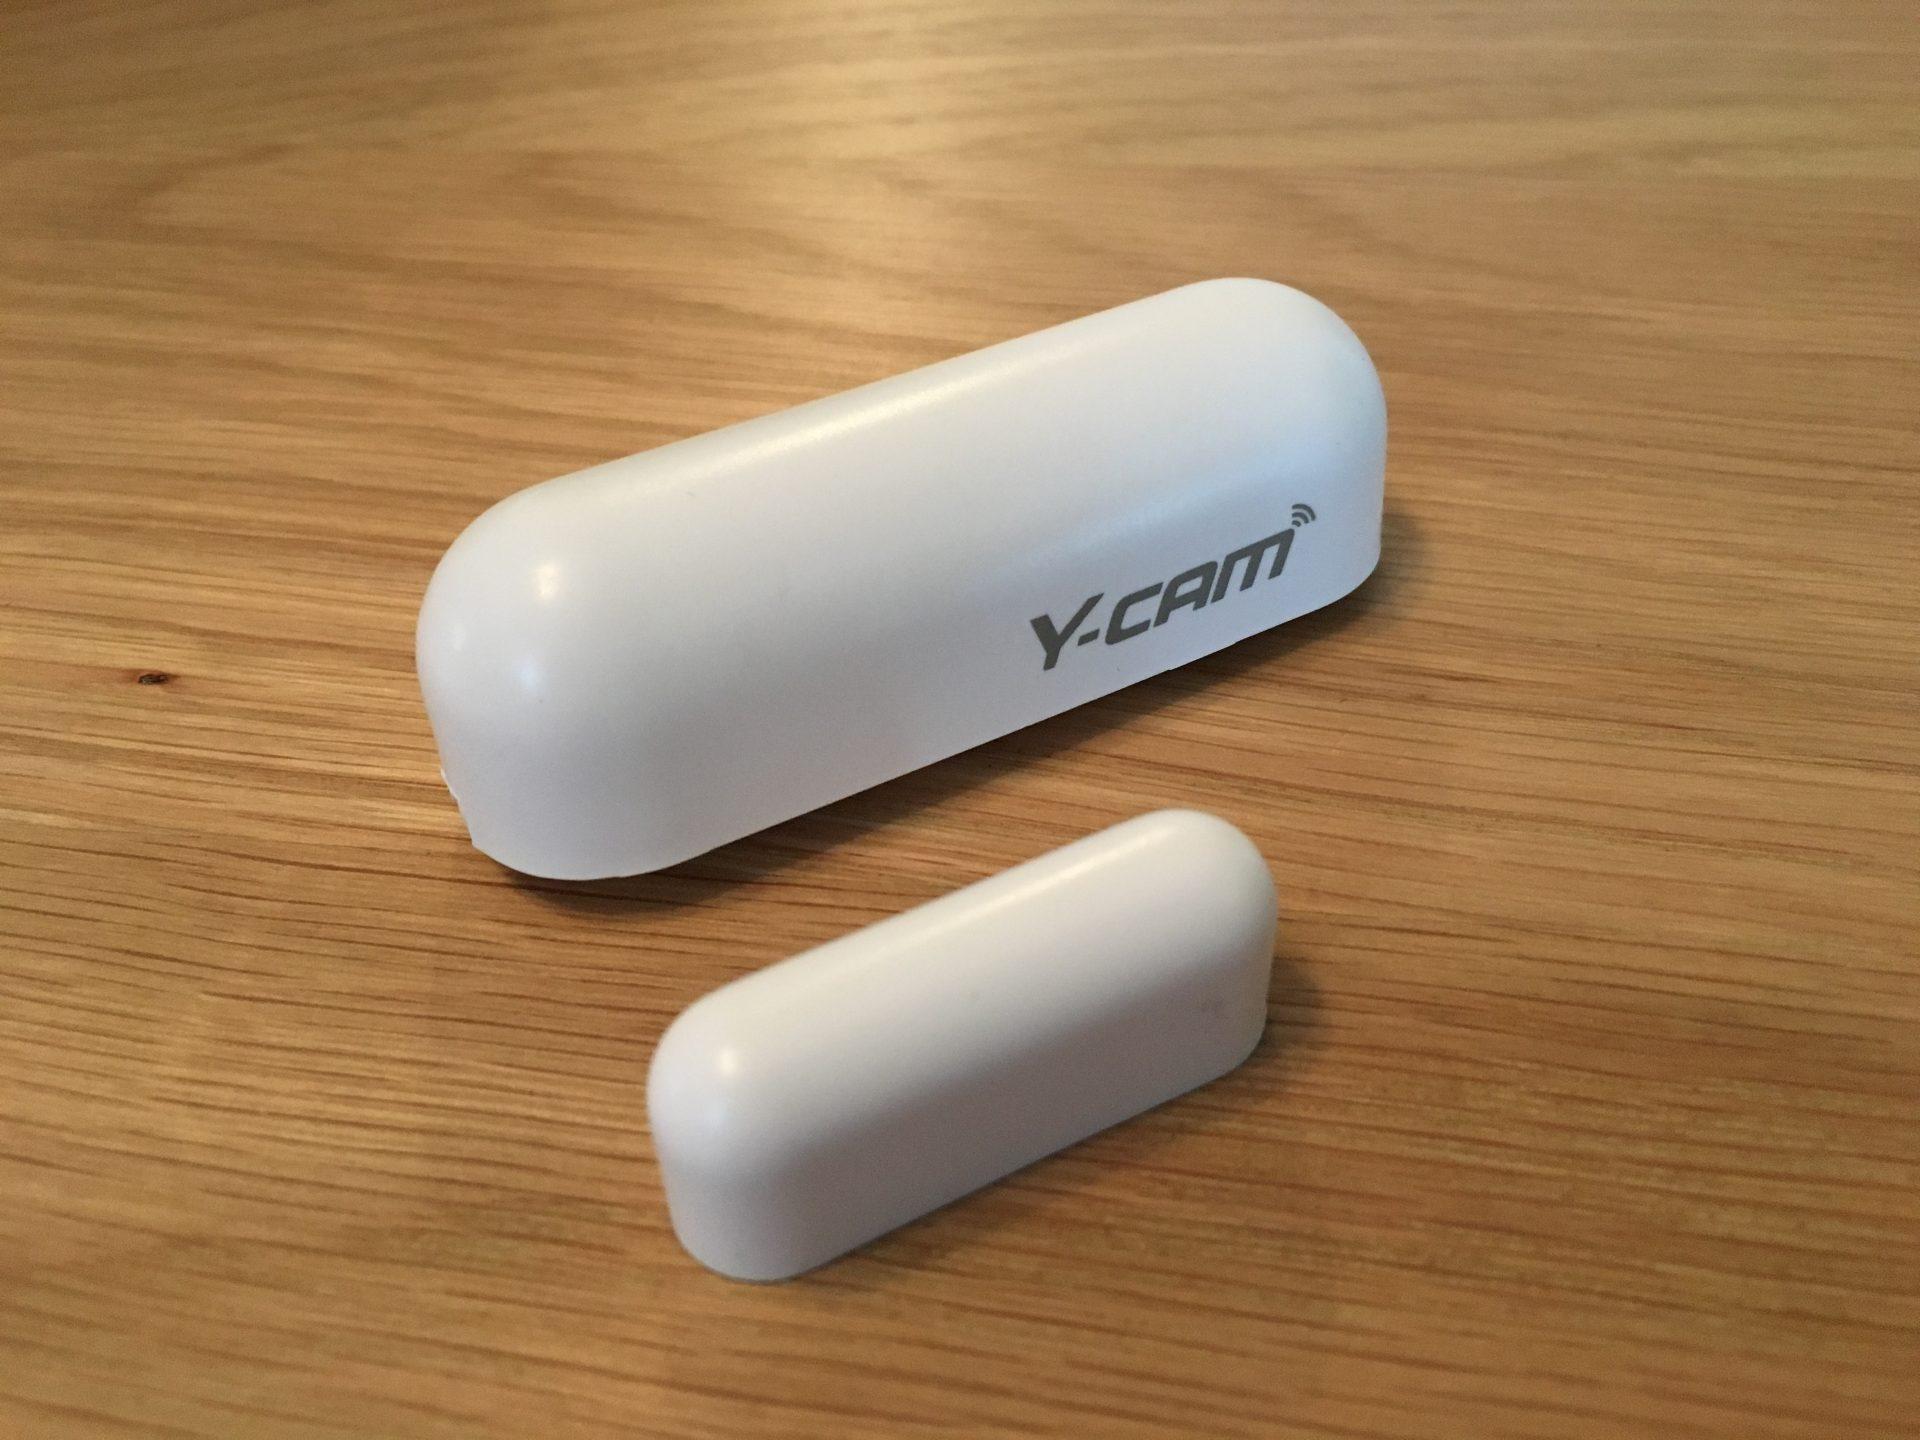 Y-cam Action Sensor